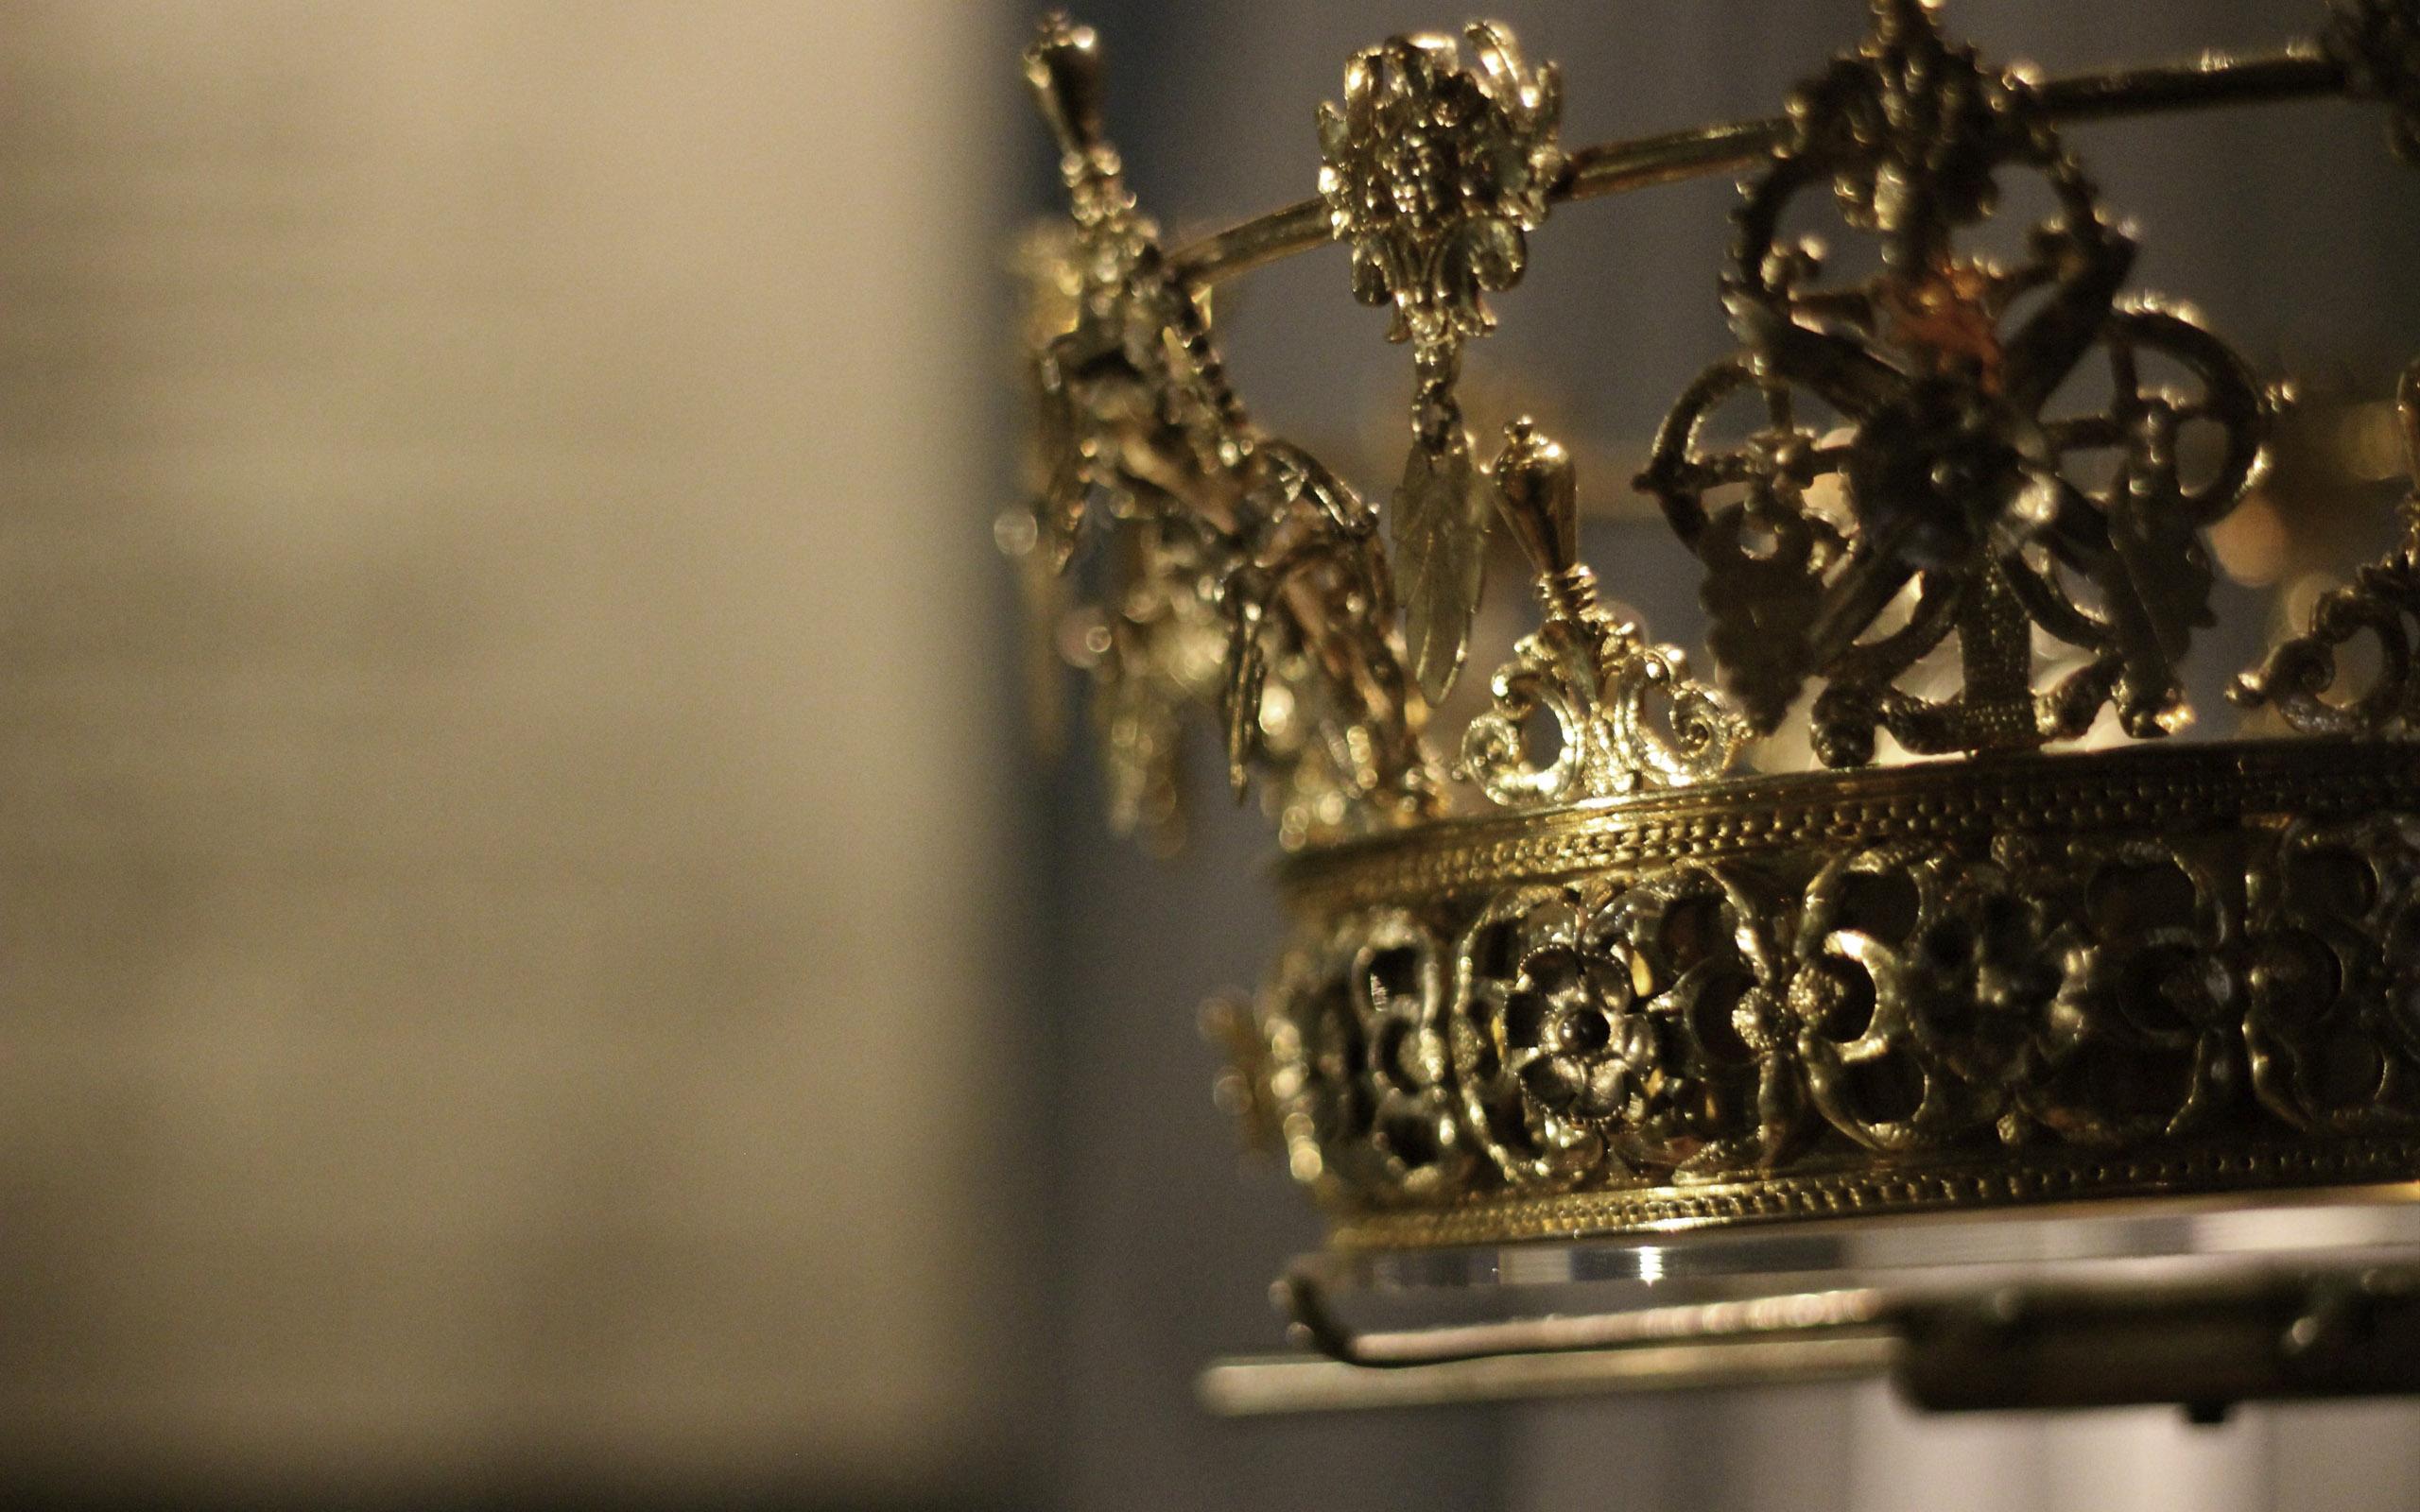 アナ・ウィンターが英国勲章「デイム」の称号を受章、アニヤ・ハインドンマーチとヴィクトリア・ベッカムと並ぶ